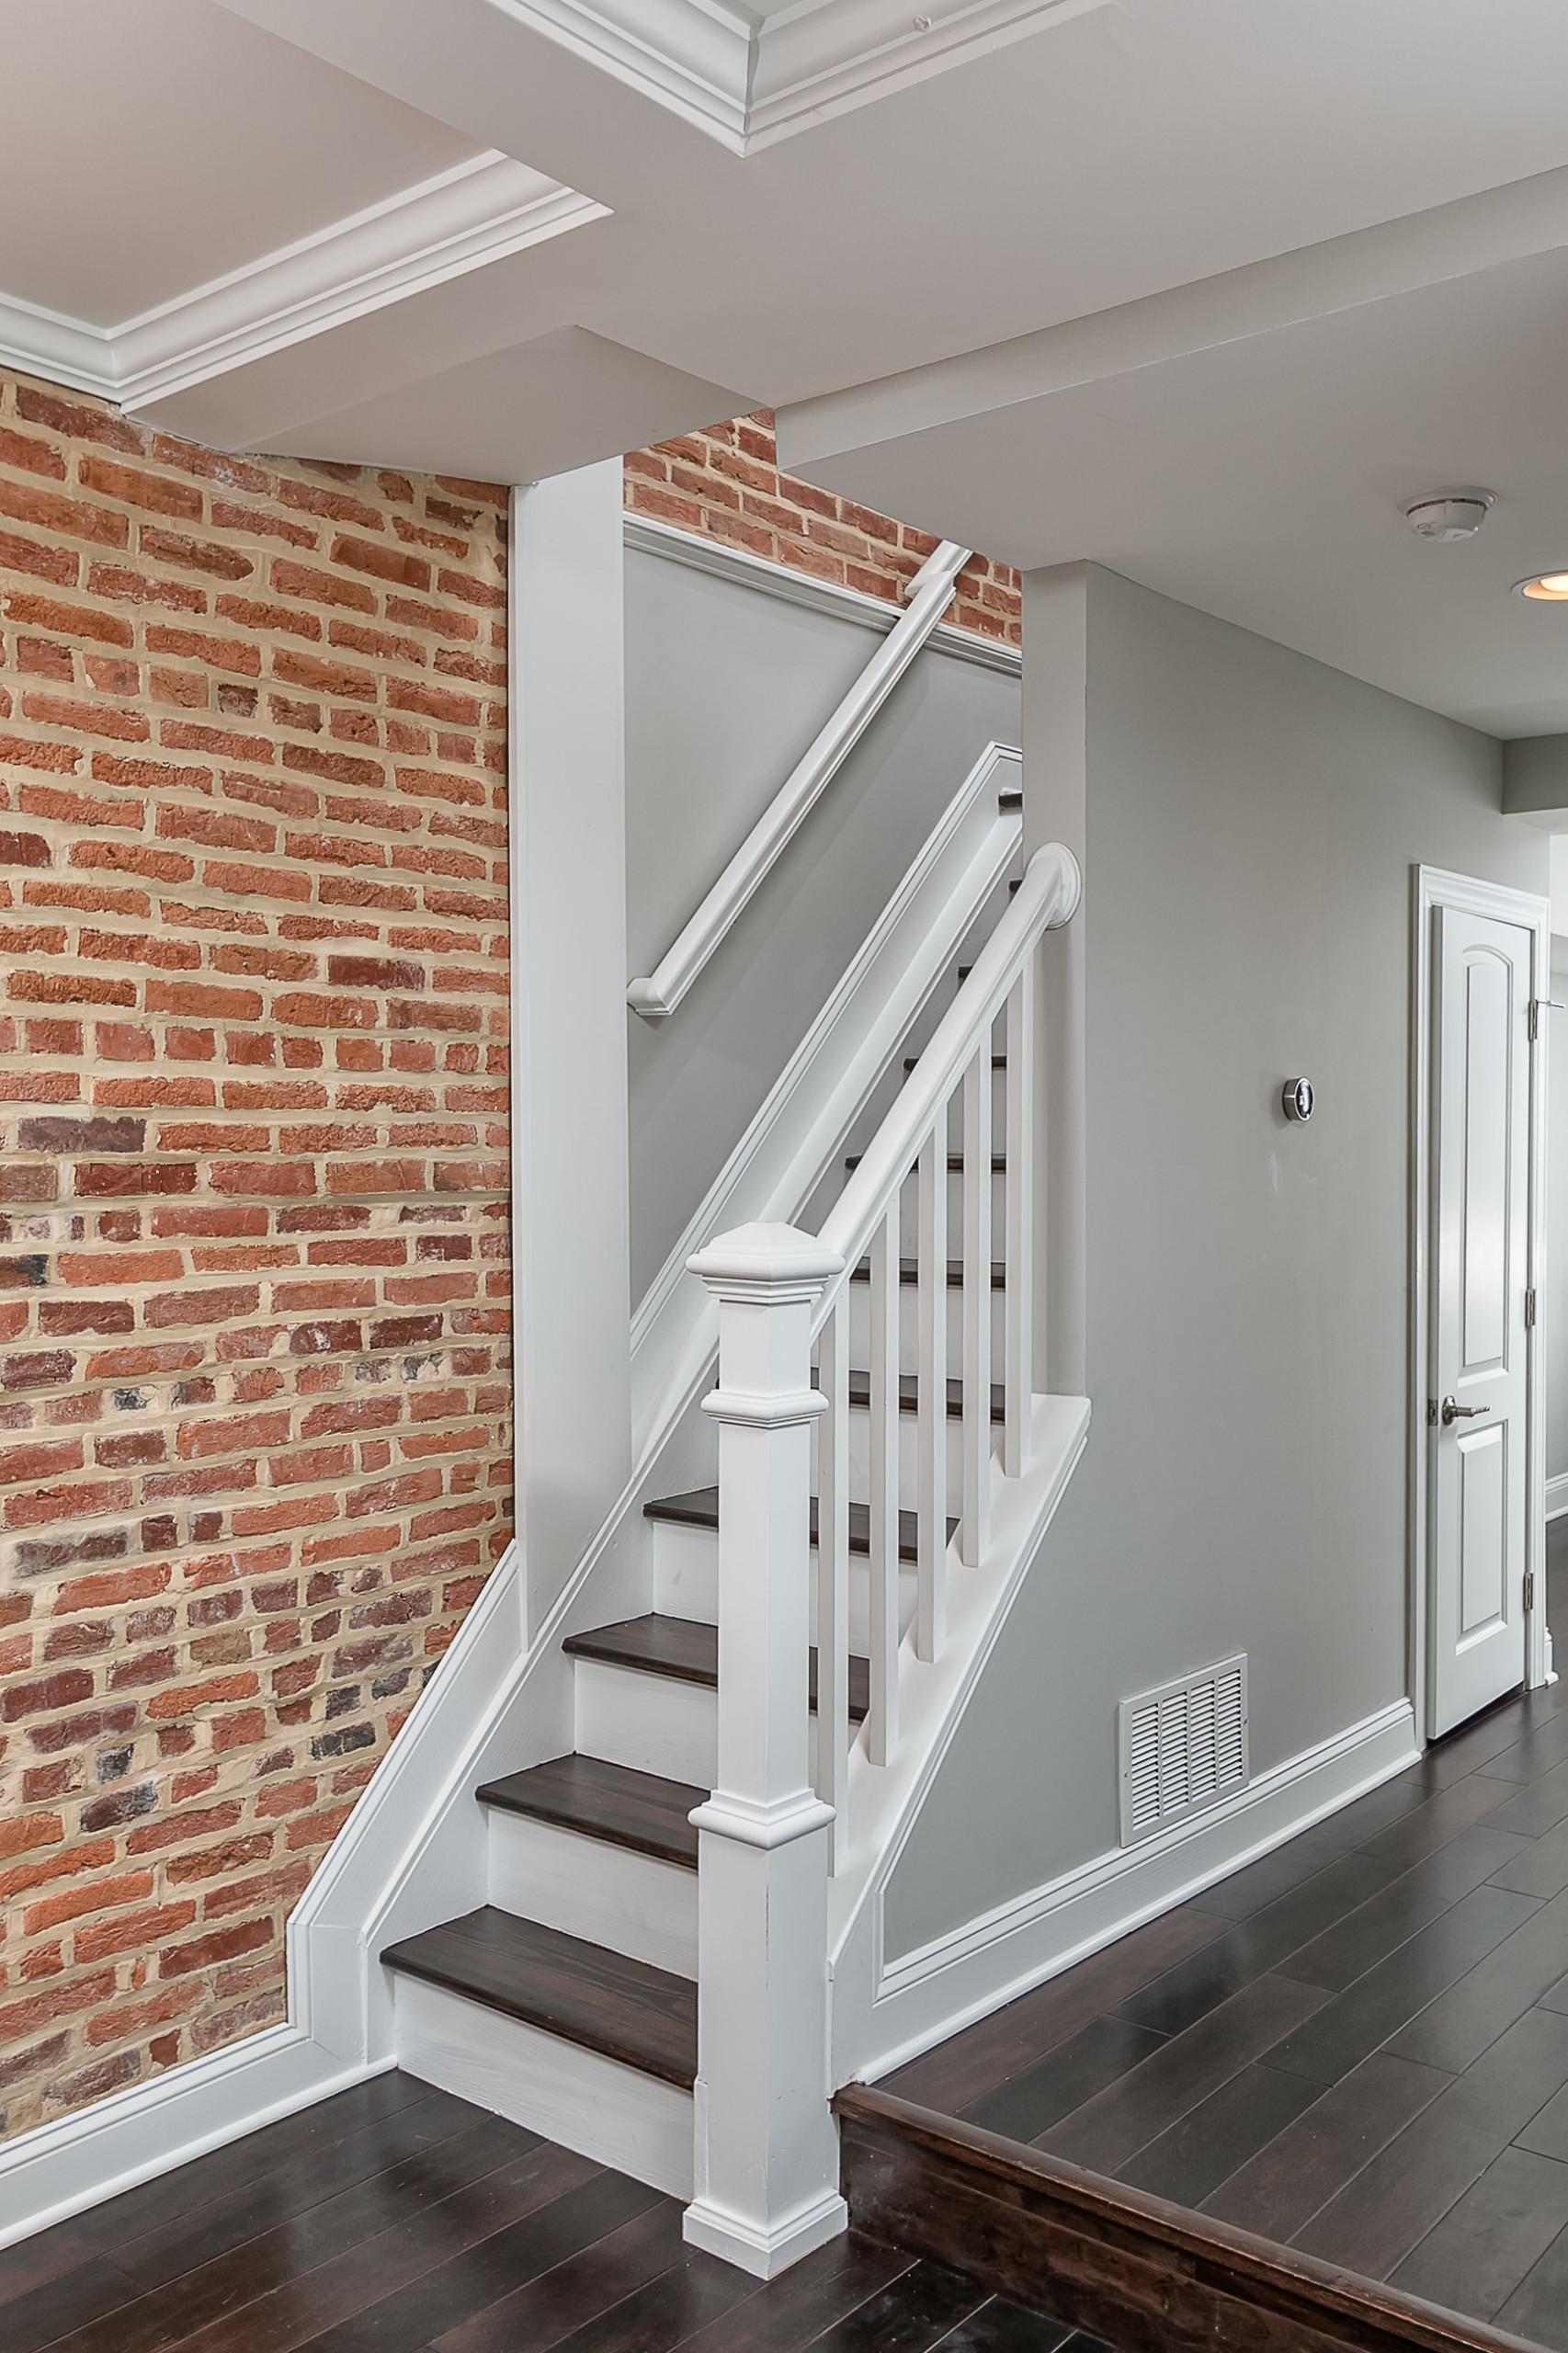 Upper Fells Row Home - Full Renovation (Castle St)